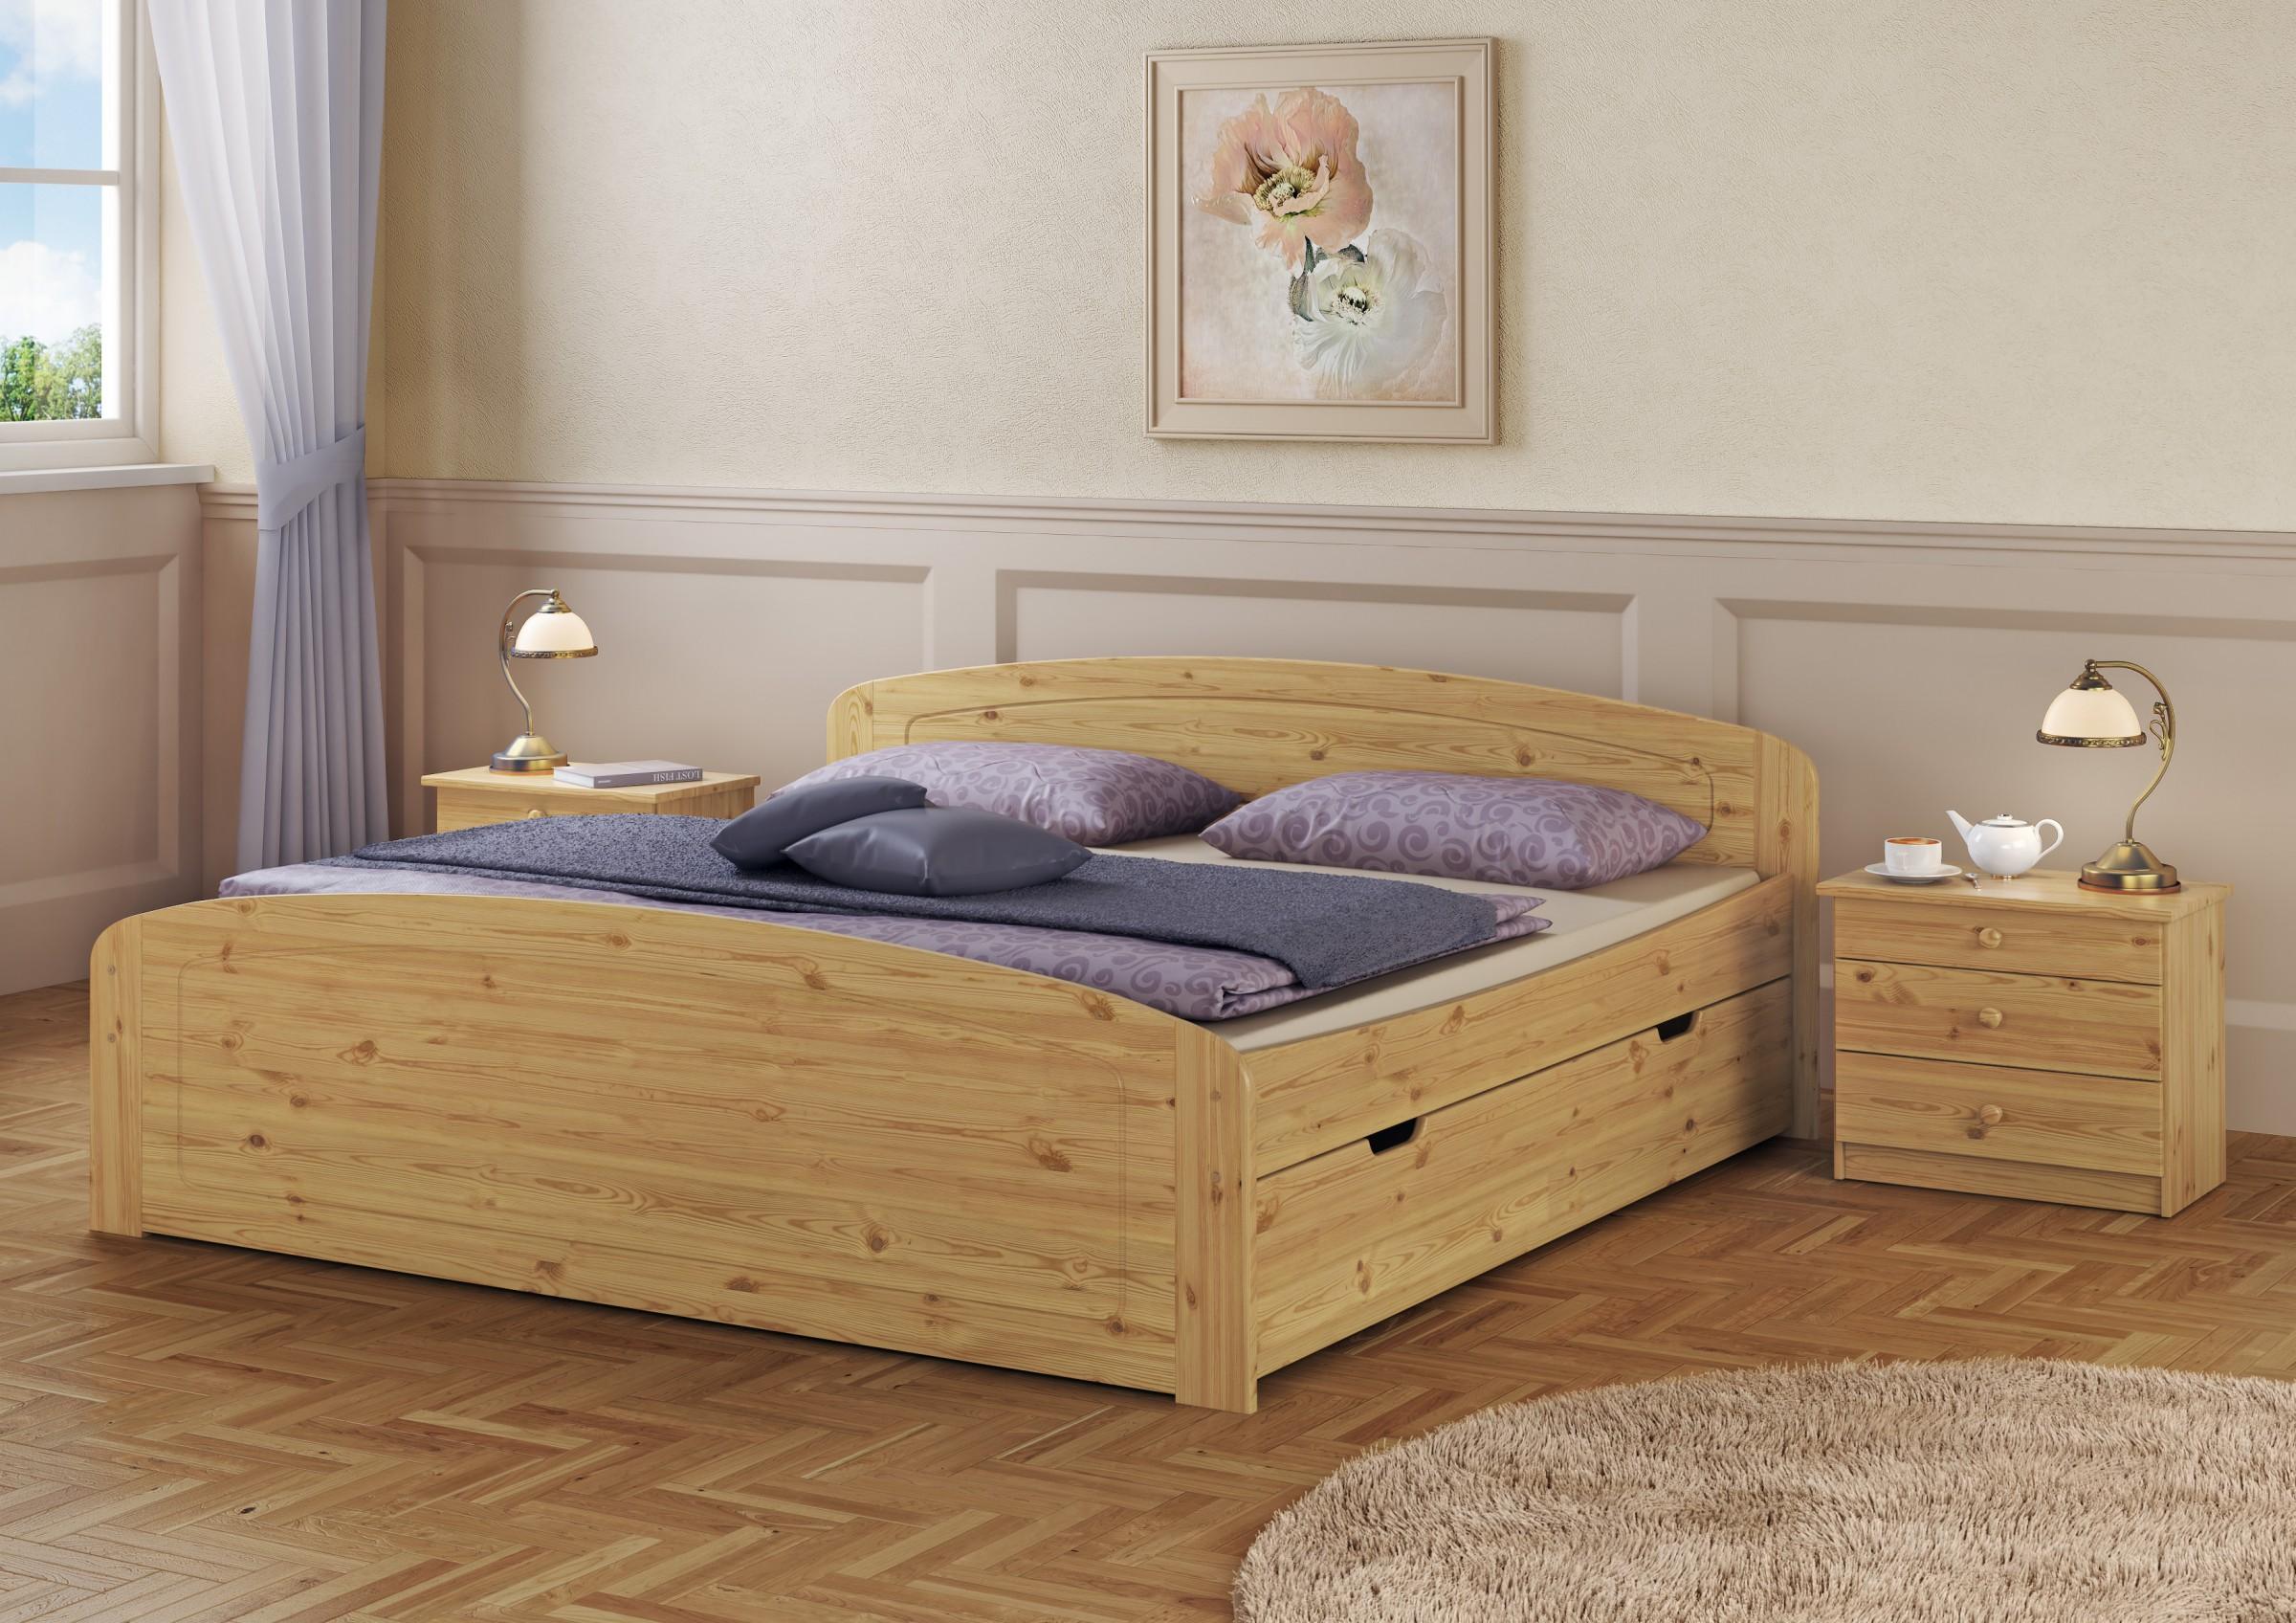 funktionsbett doppelbett 3 bettkasten 200x200. Black Bedroom Furniture Sets. Home Design Ideas